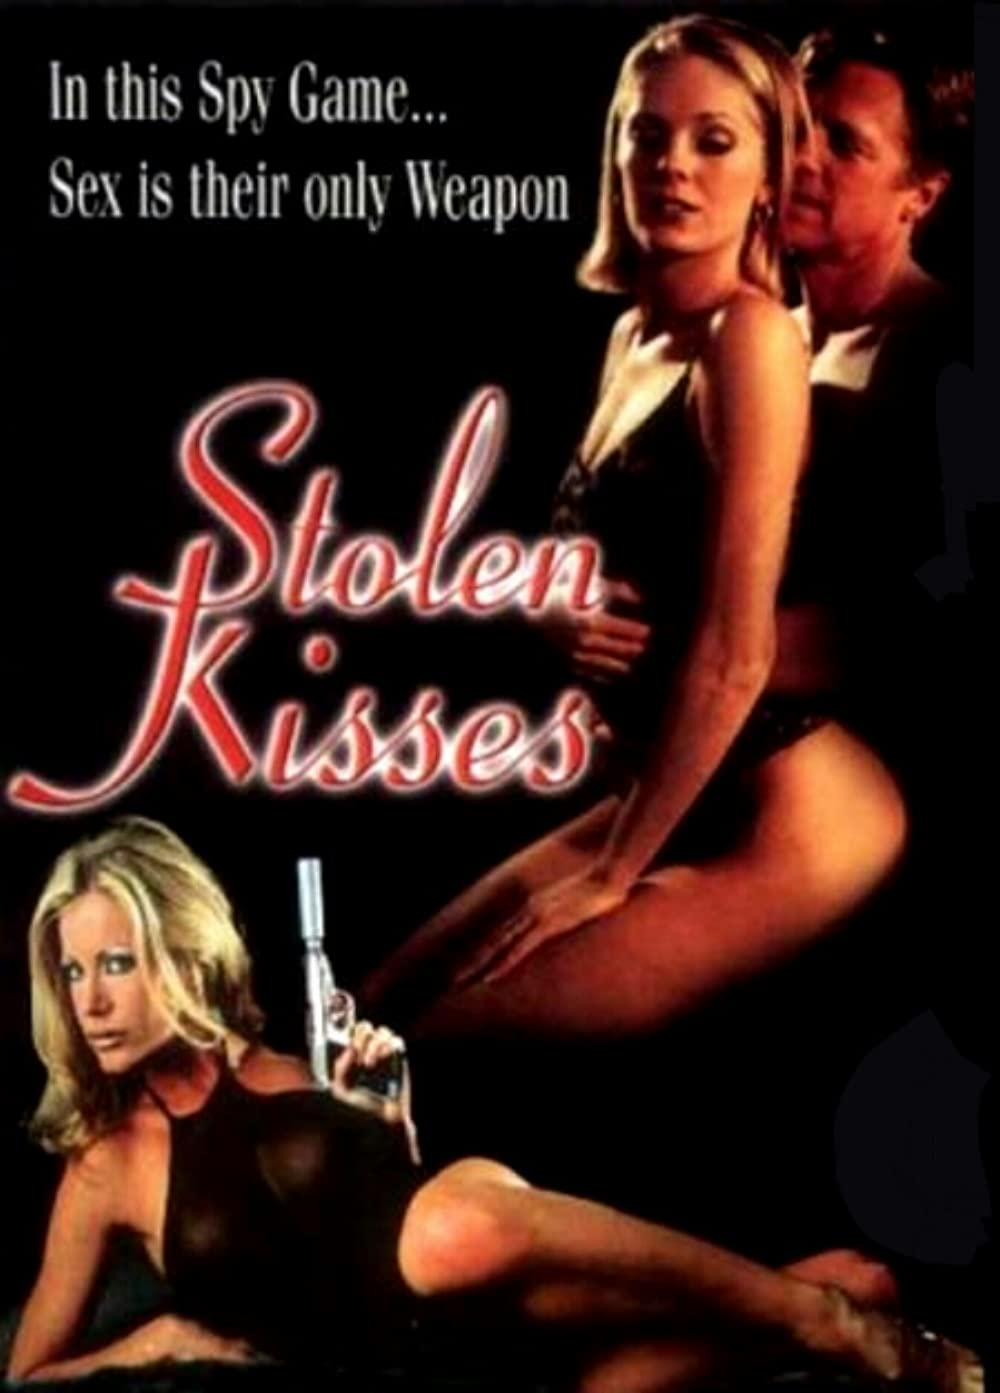 Stolen Kisses 2001